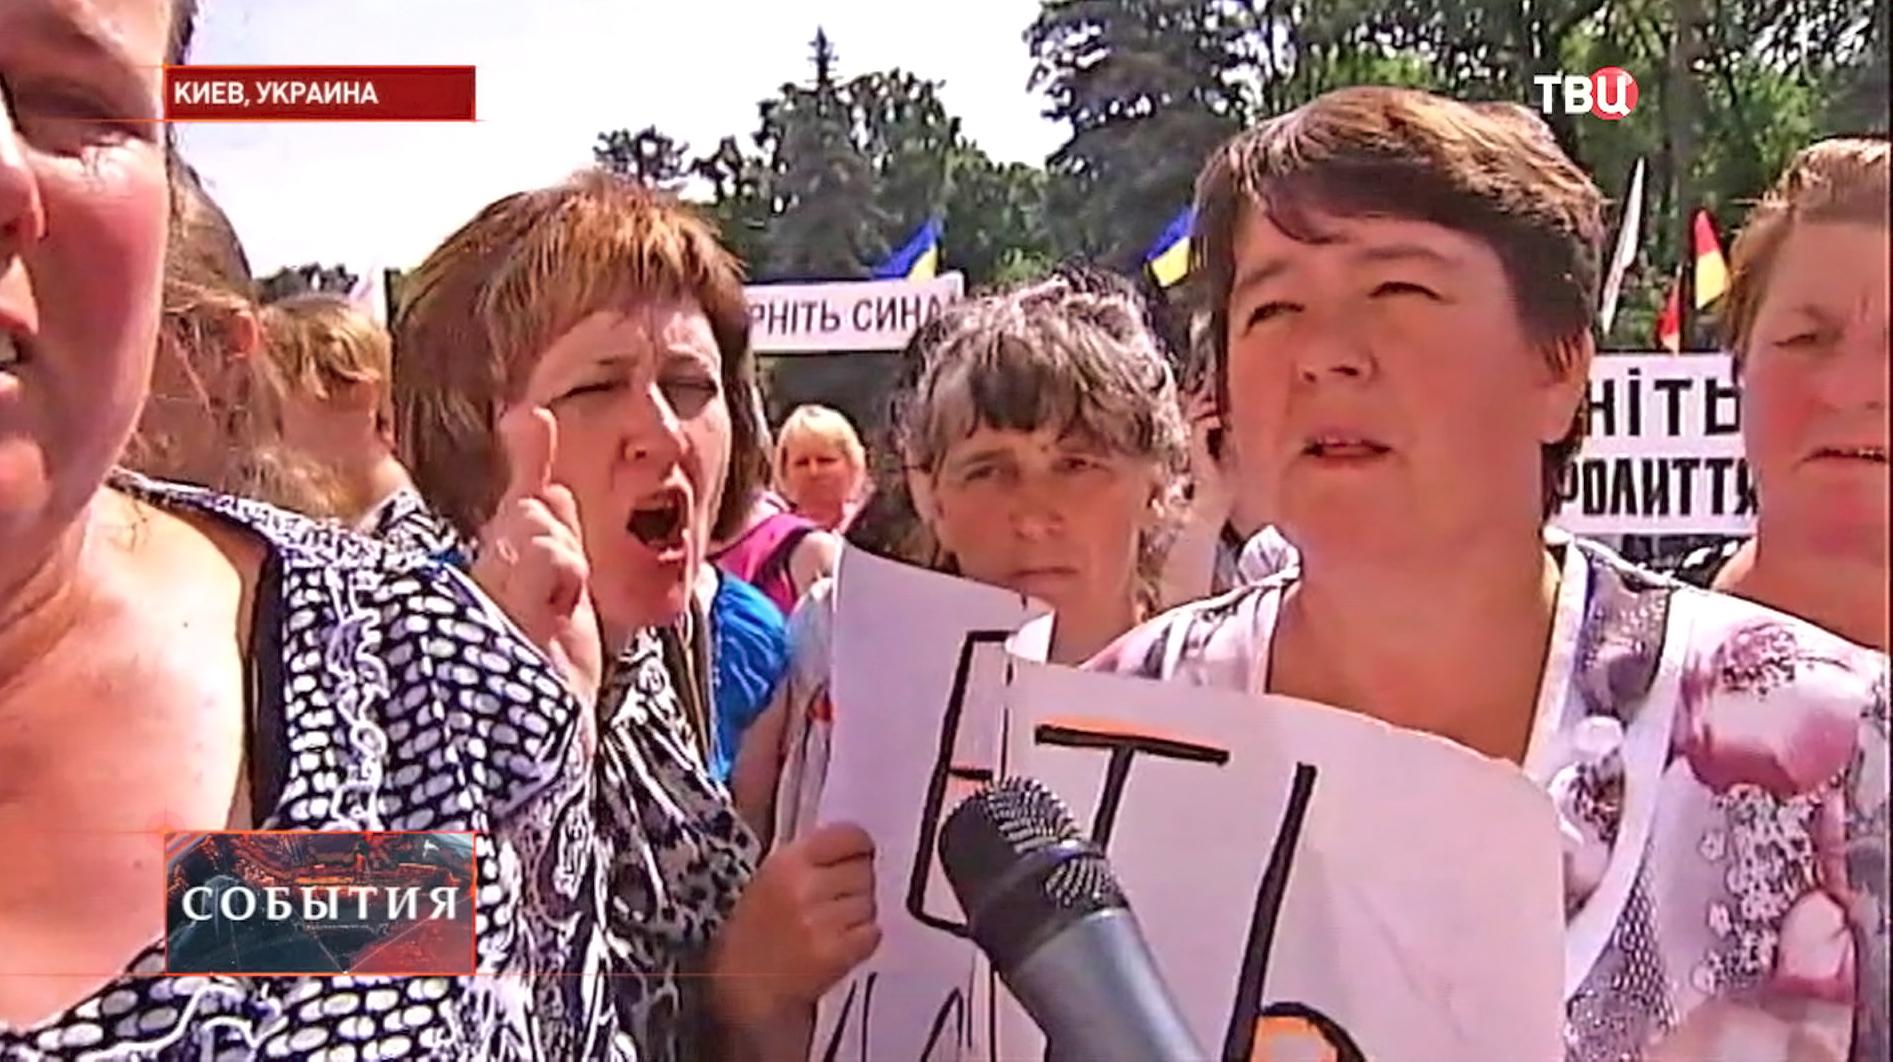 Митинги в Киеве